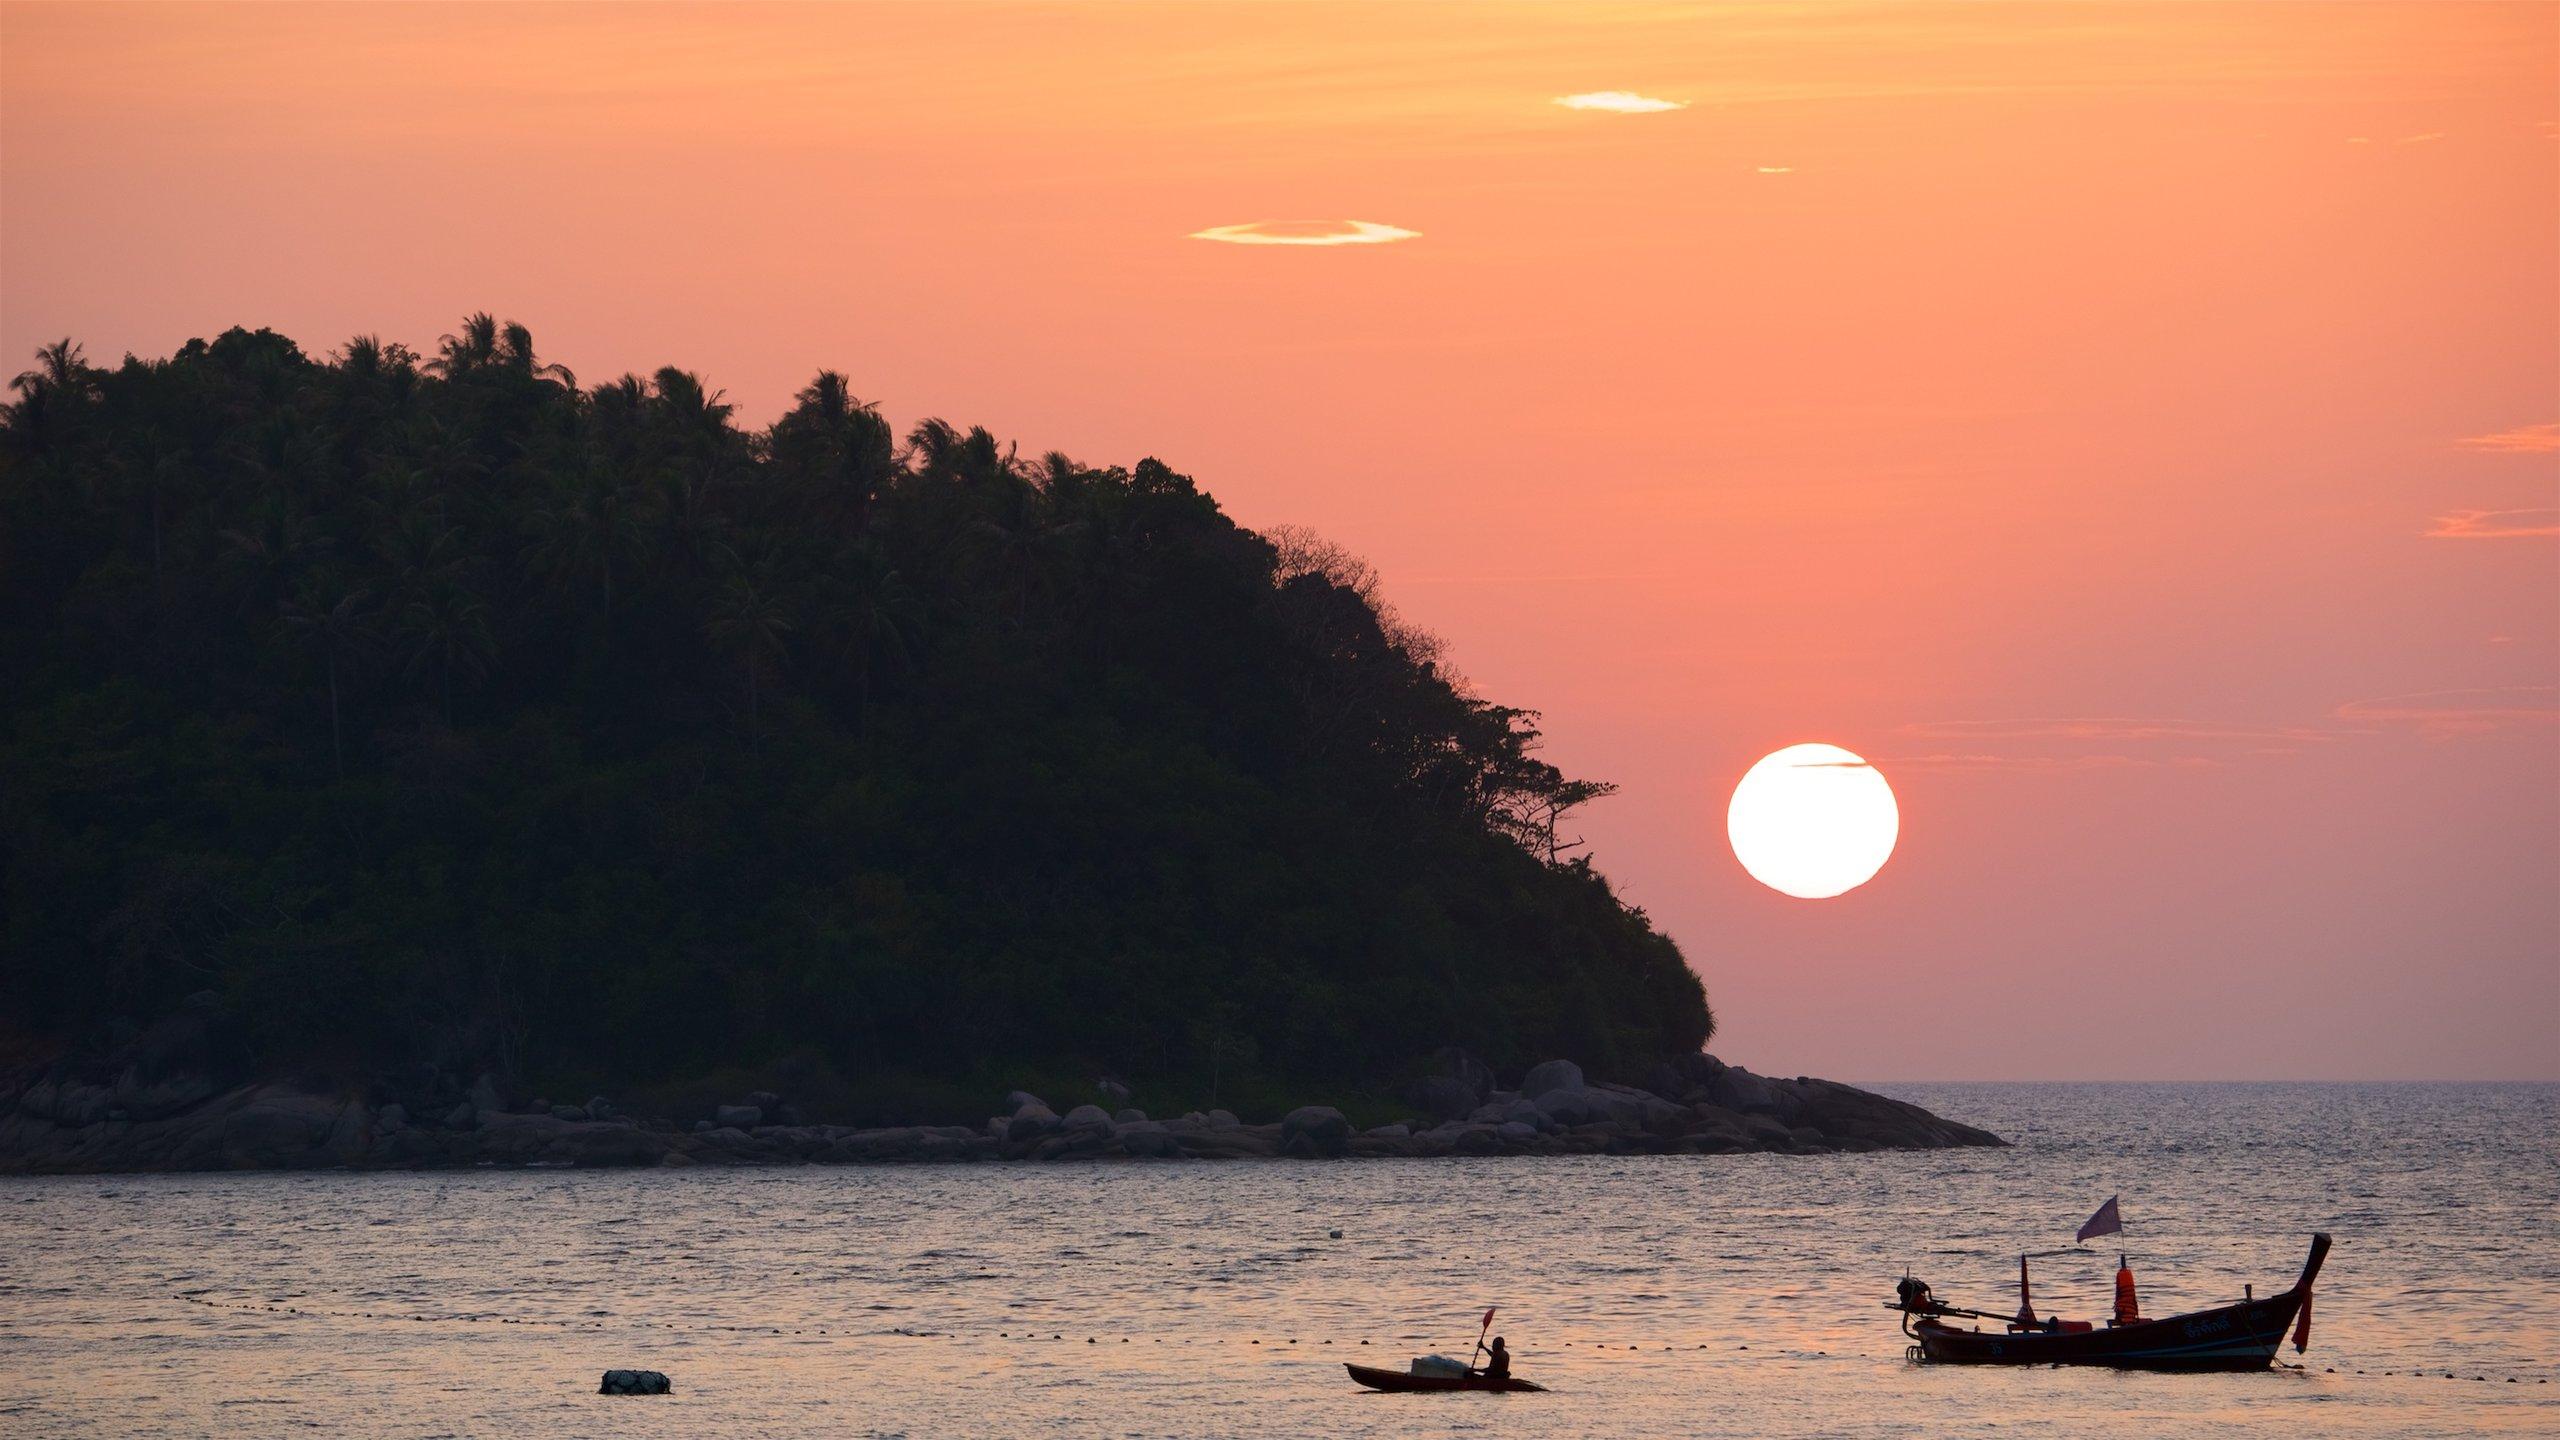 Phuket, Phuket Province, Thailand